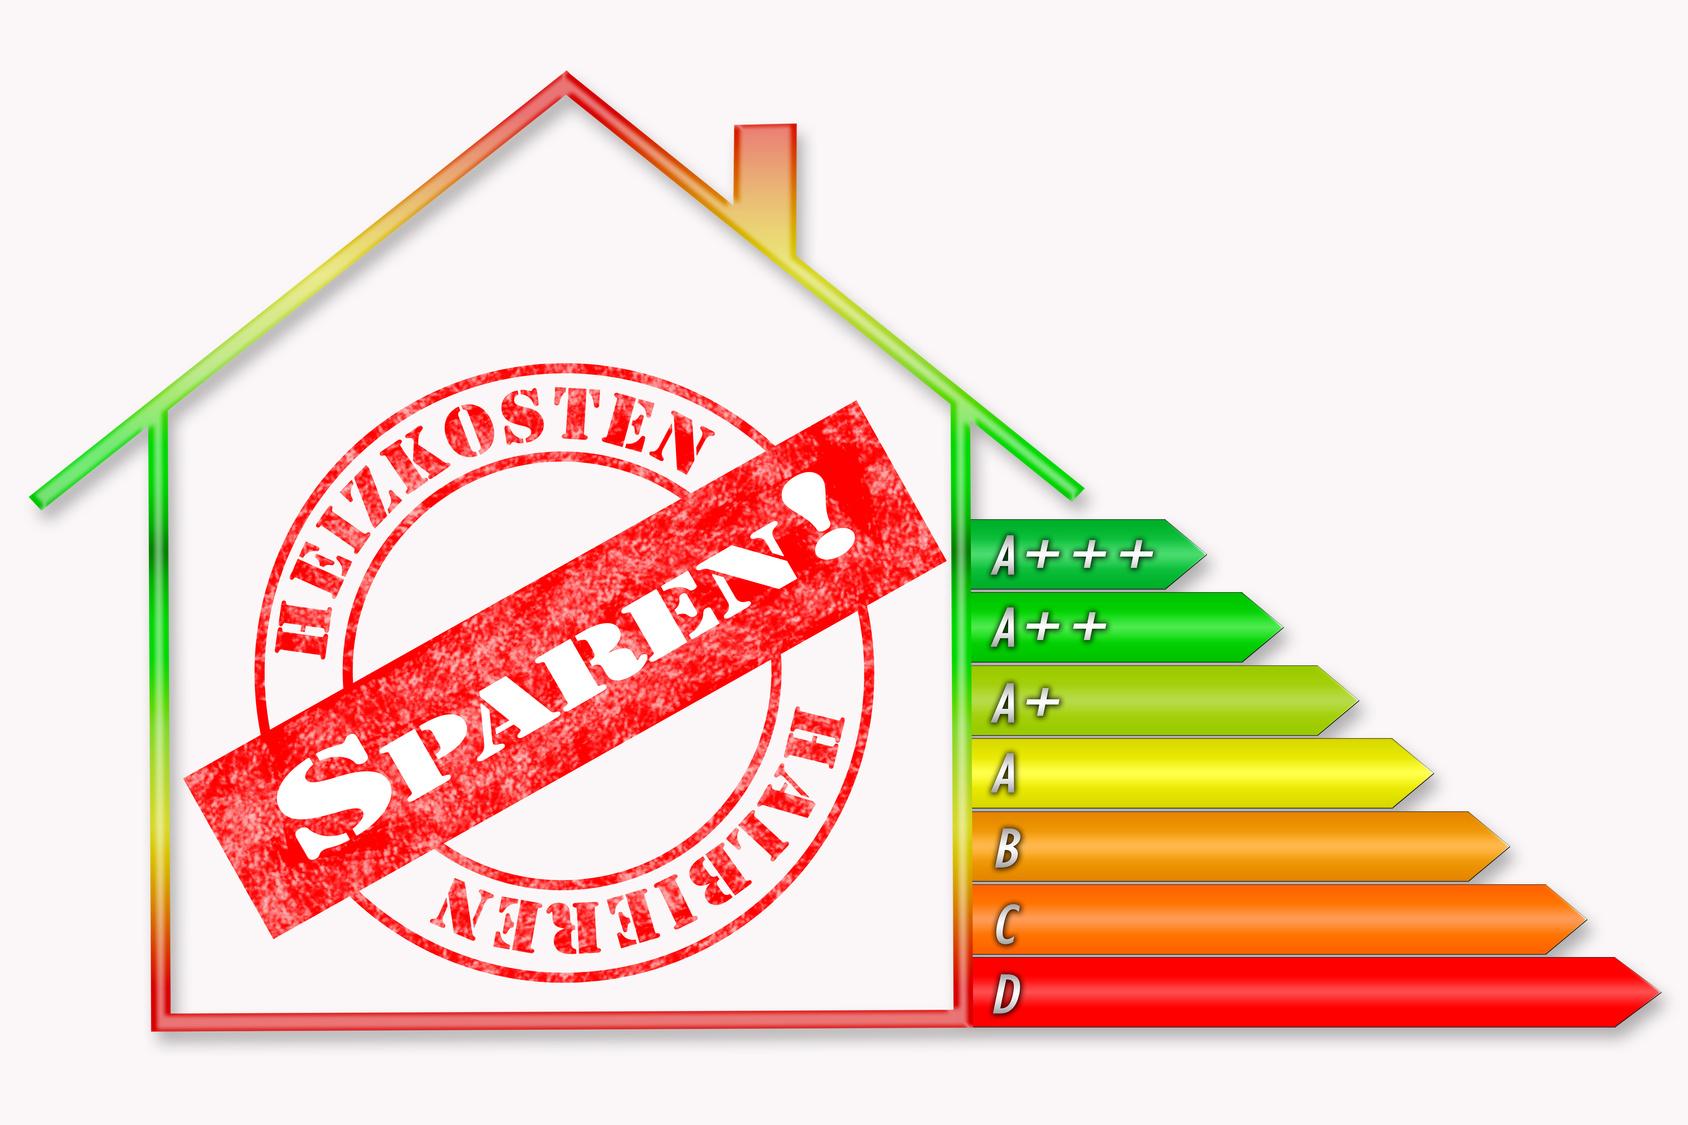 Die Heizung ist der aller größte Energieverbraucher im Haushalt